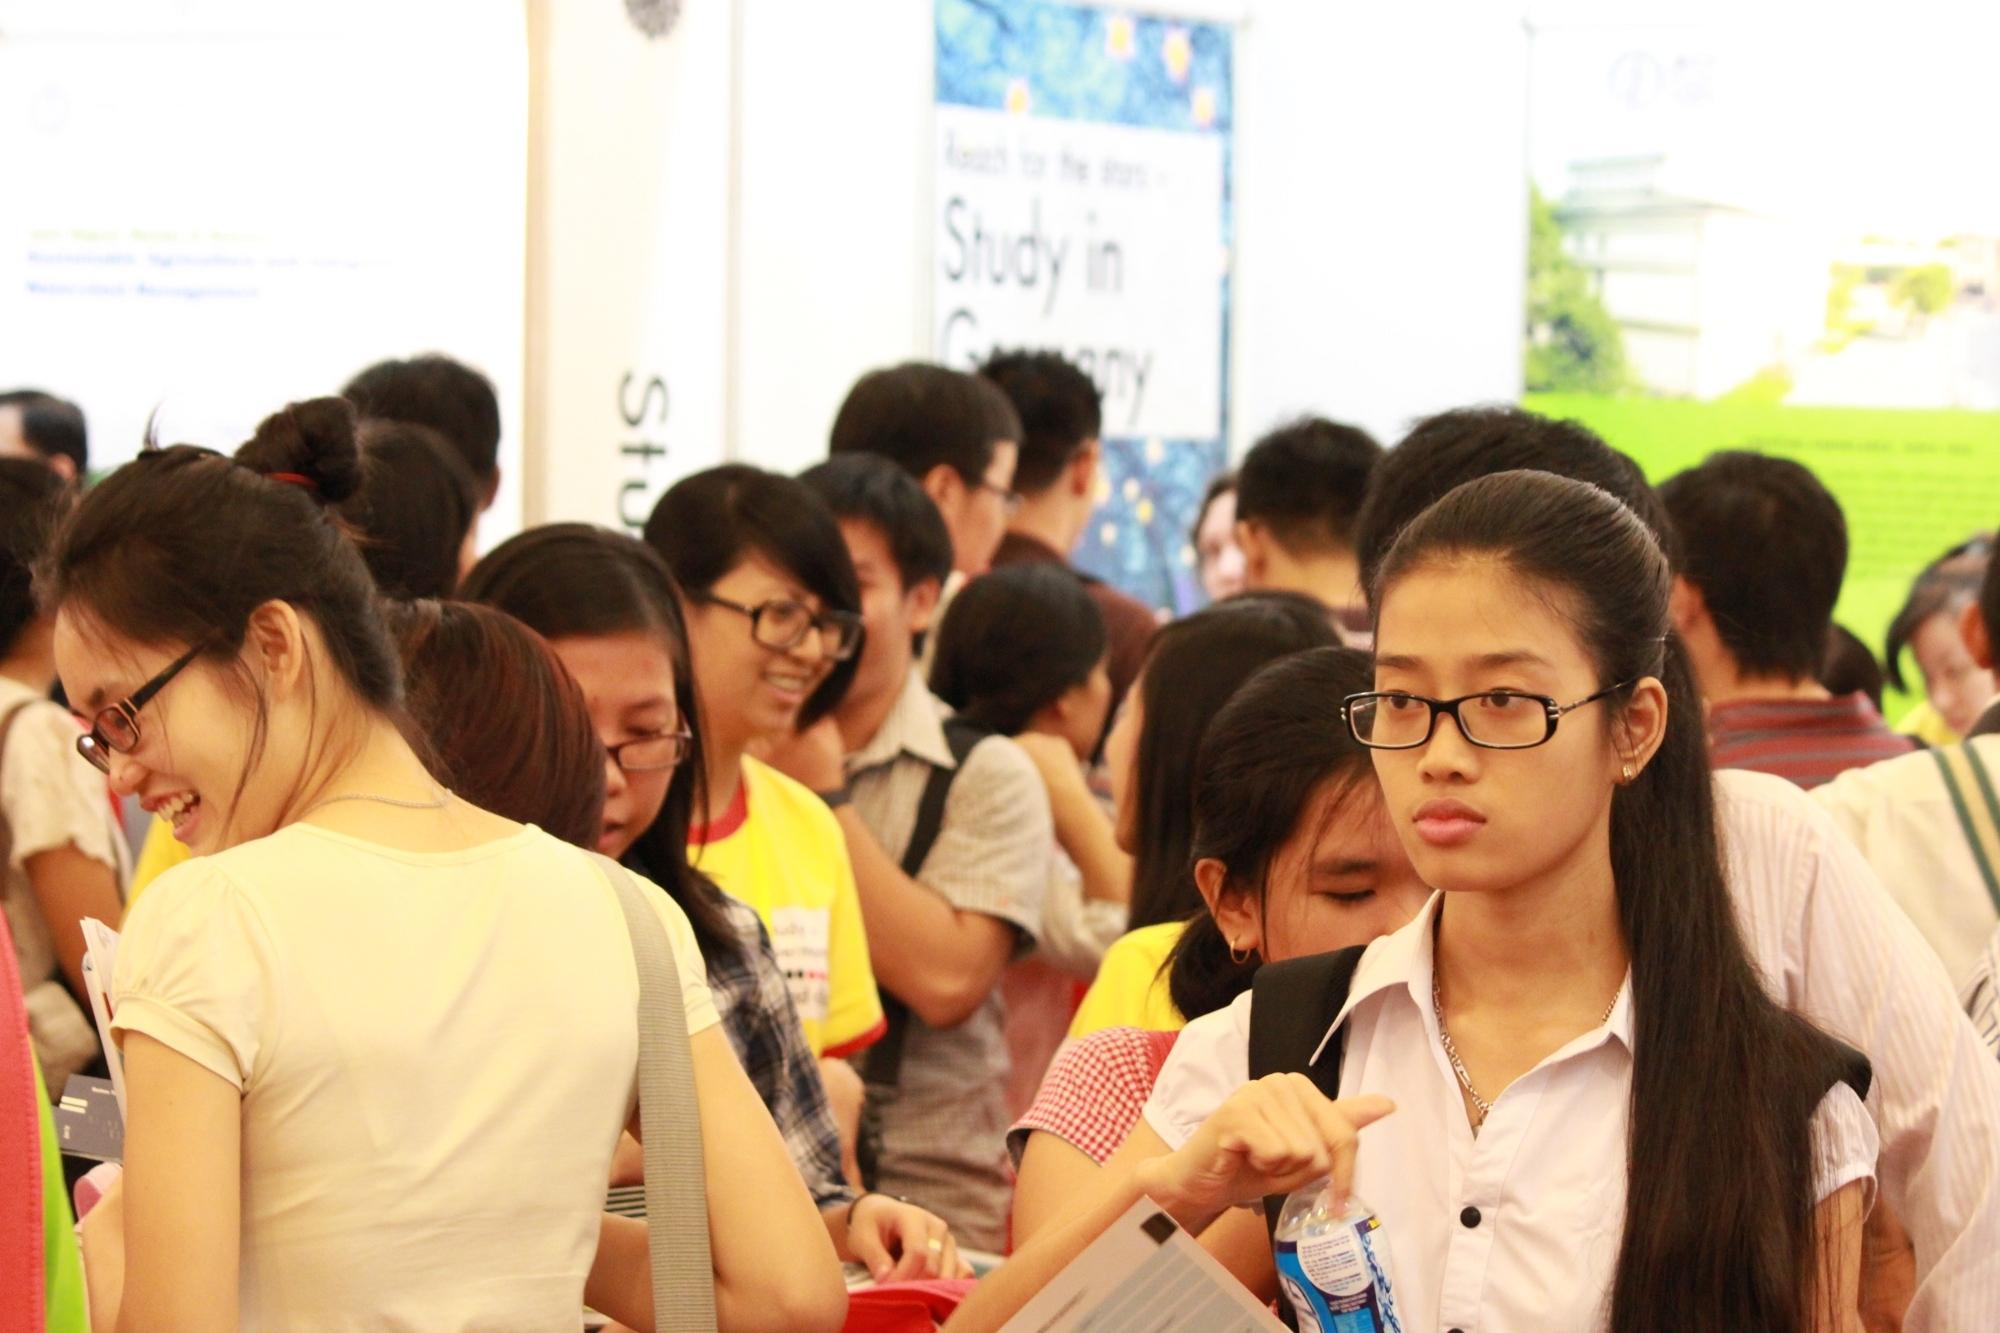 Đẩy mạnh truyền thông, nâng cao nhận thức của người học về giáo dục nghề nghiệp